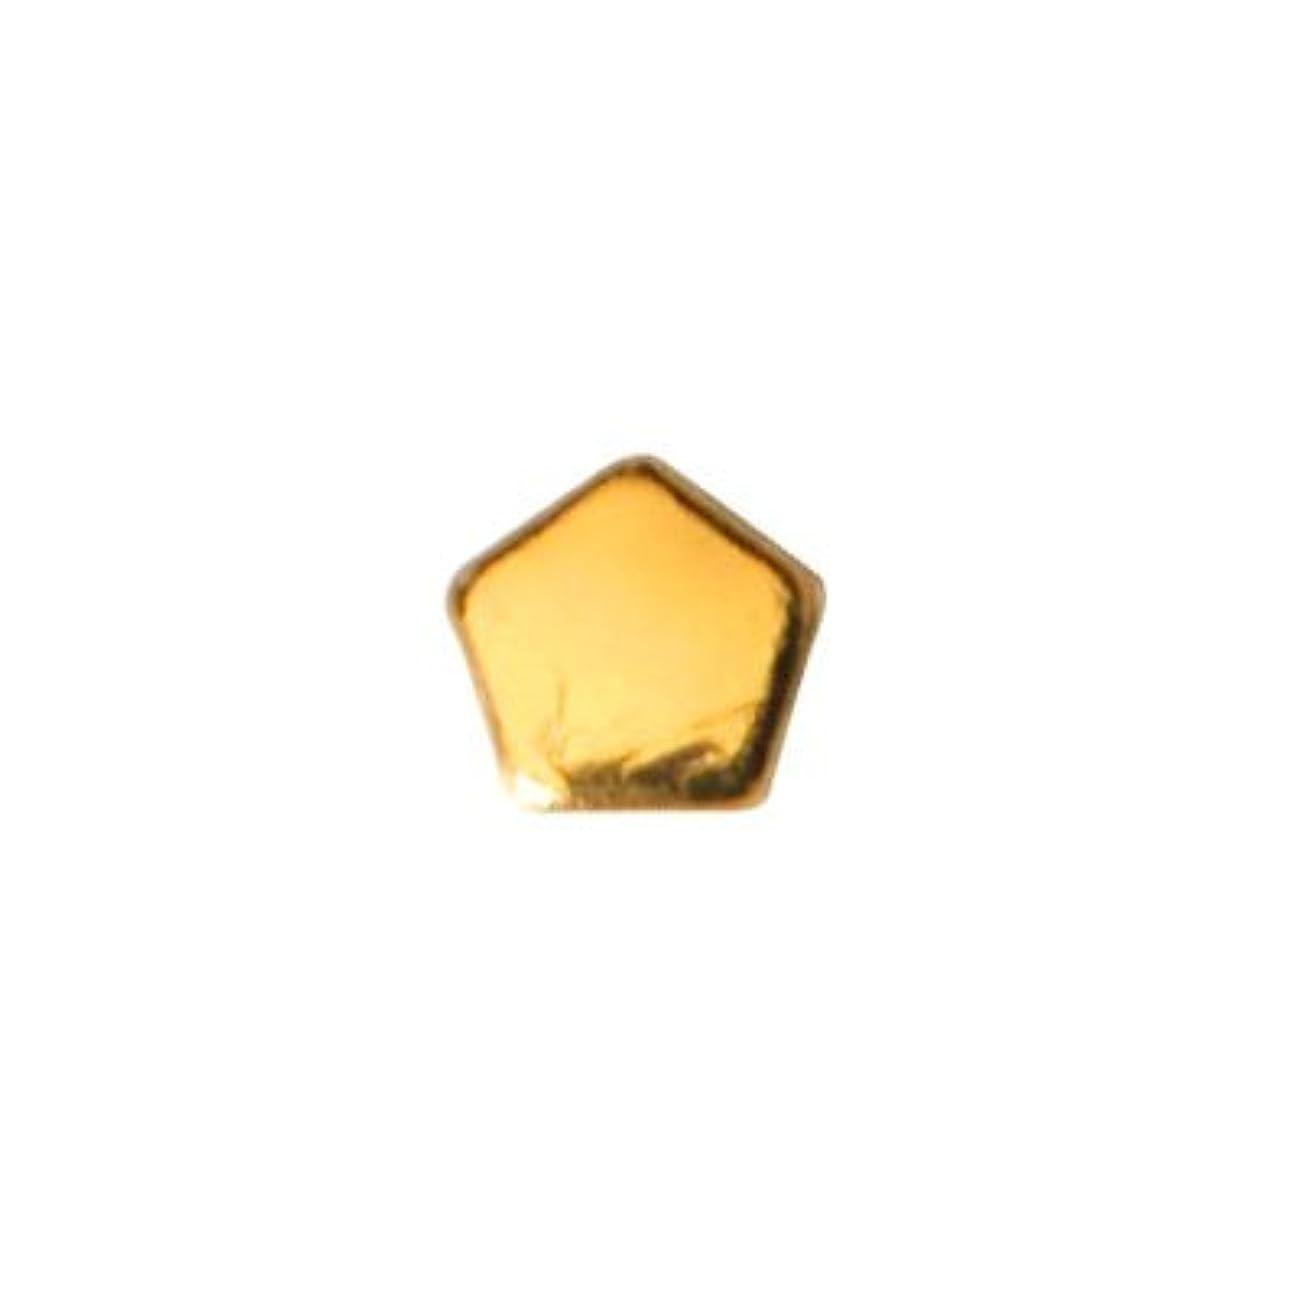 南東スパークキリマンジャロピアドラ スタッズ ペンタゴン 2mm 50P ゴールド